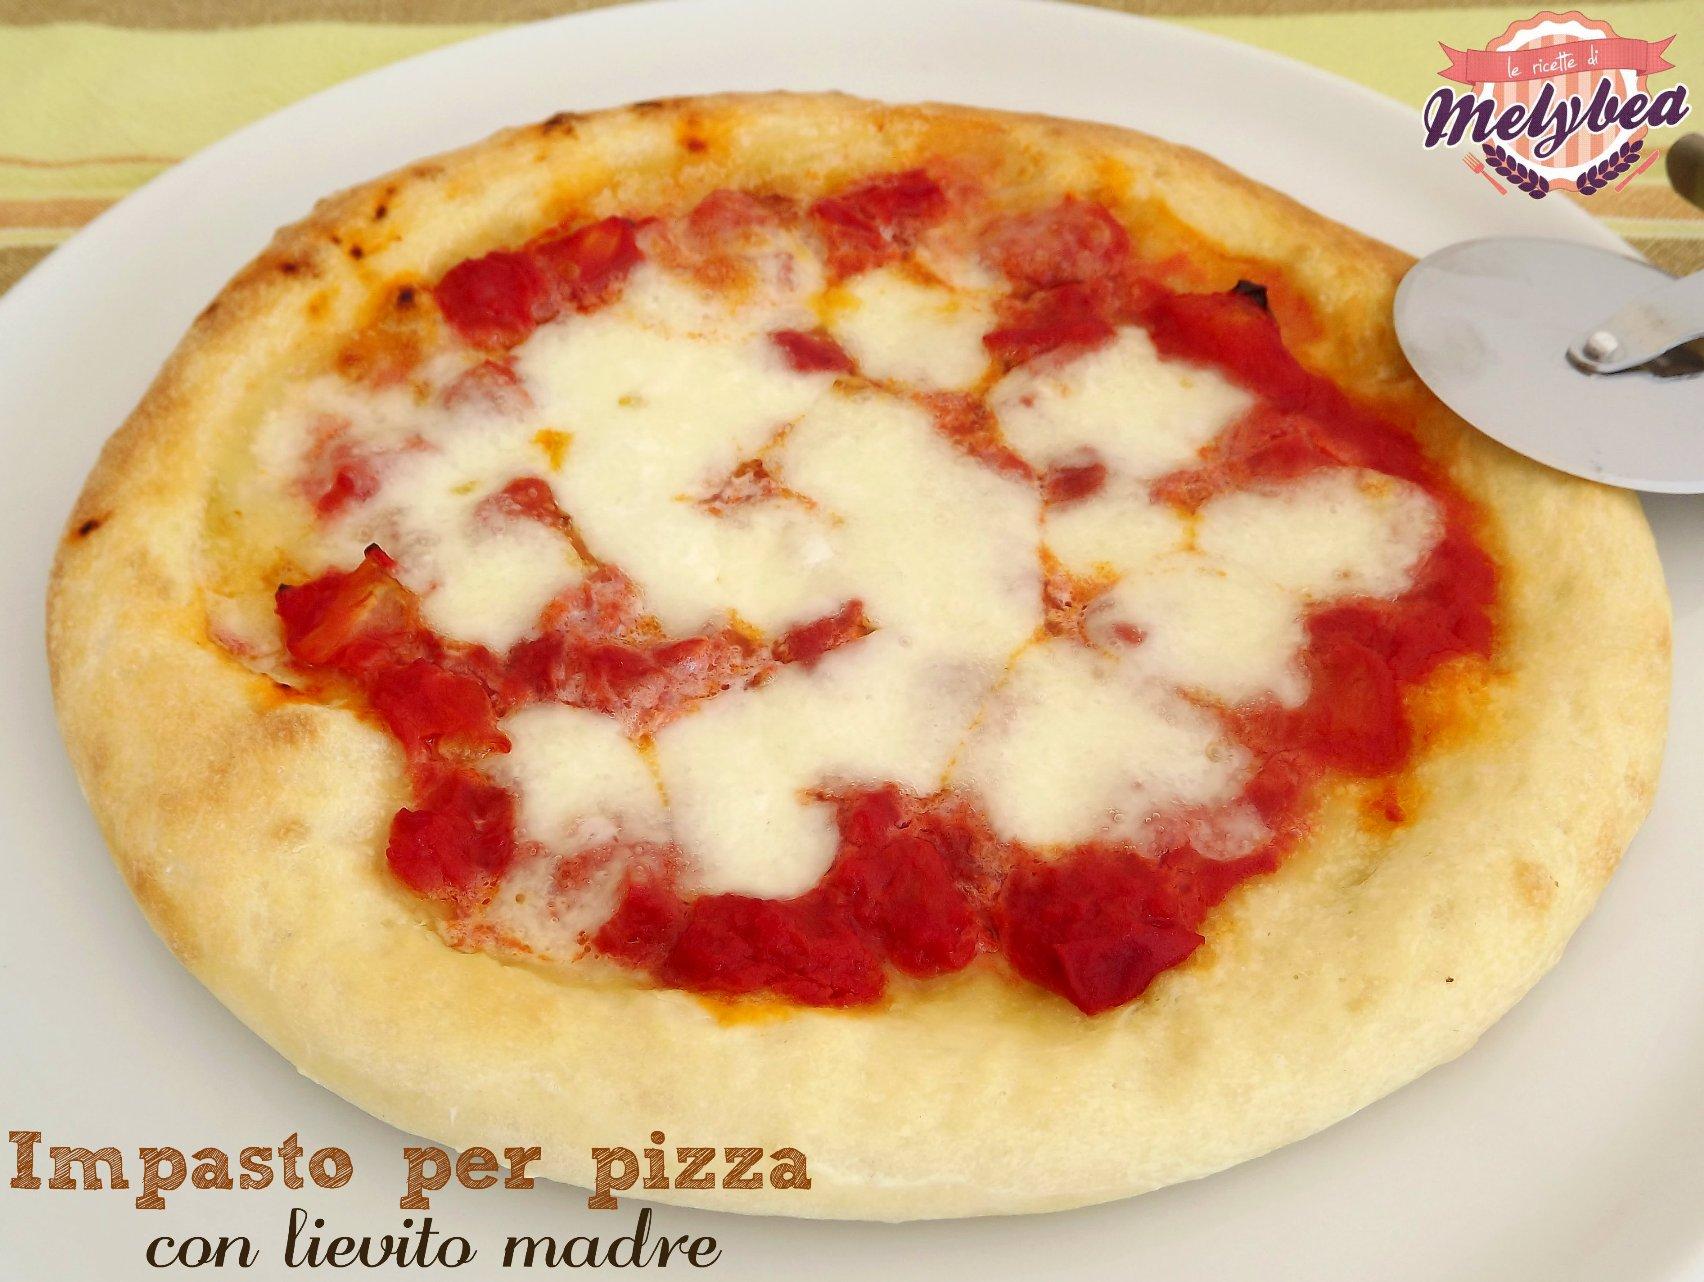 impasto per pizza con lievito madre